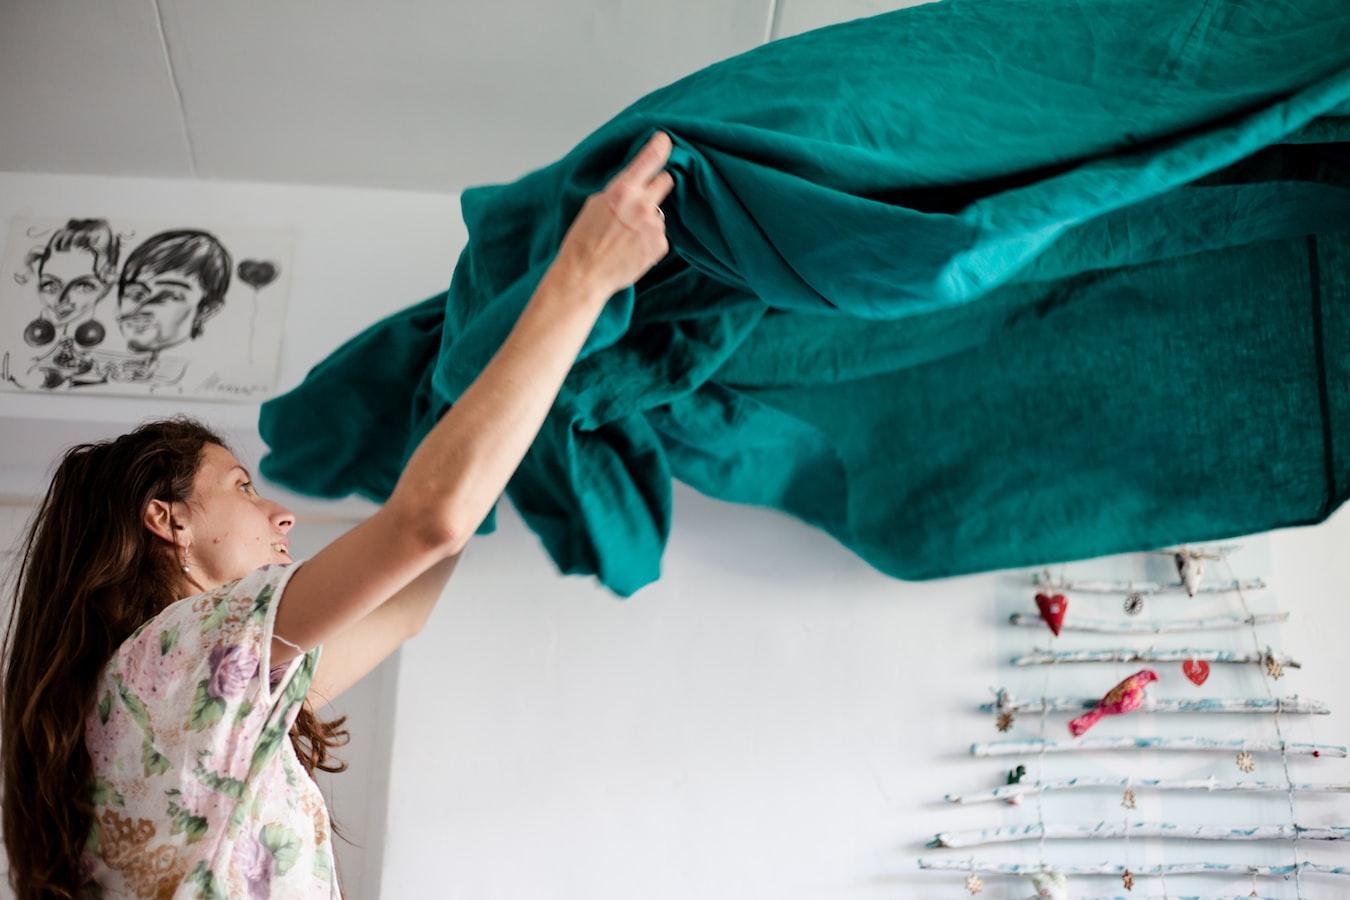 多做家事提升幸福感!《Science》旗下研究:家庭活動讓你「精神煥發」